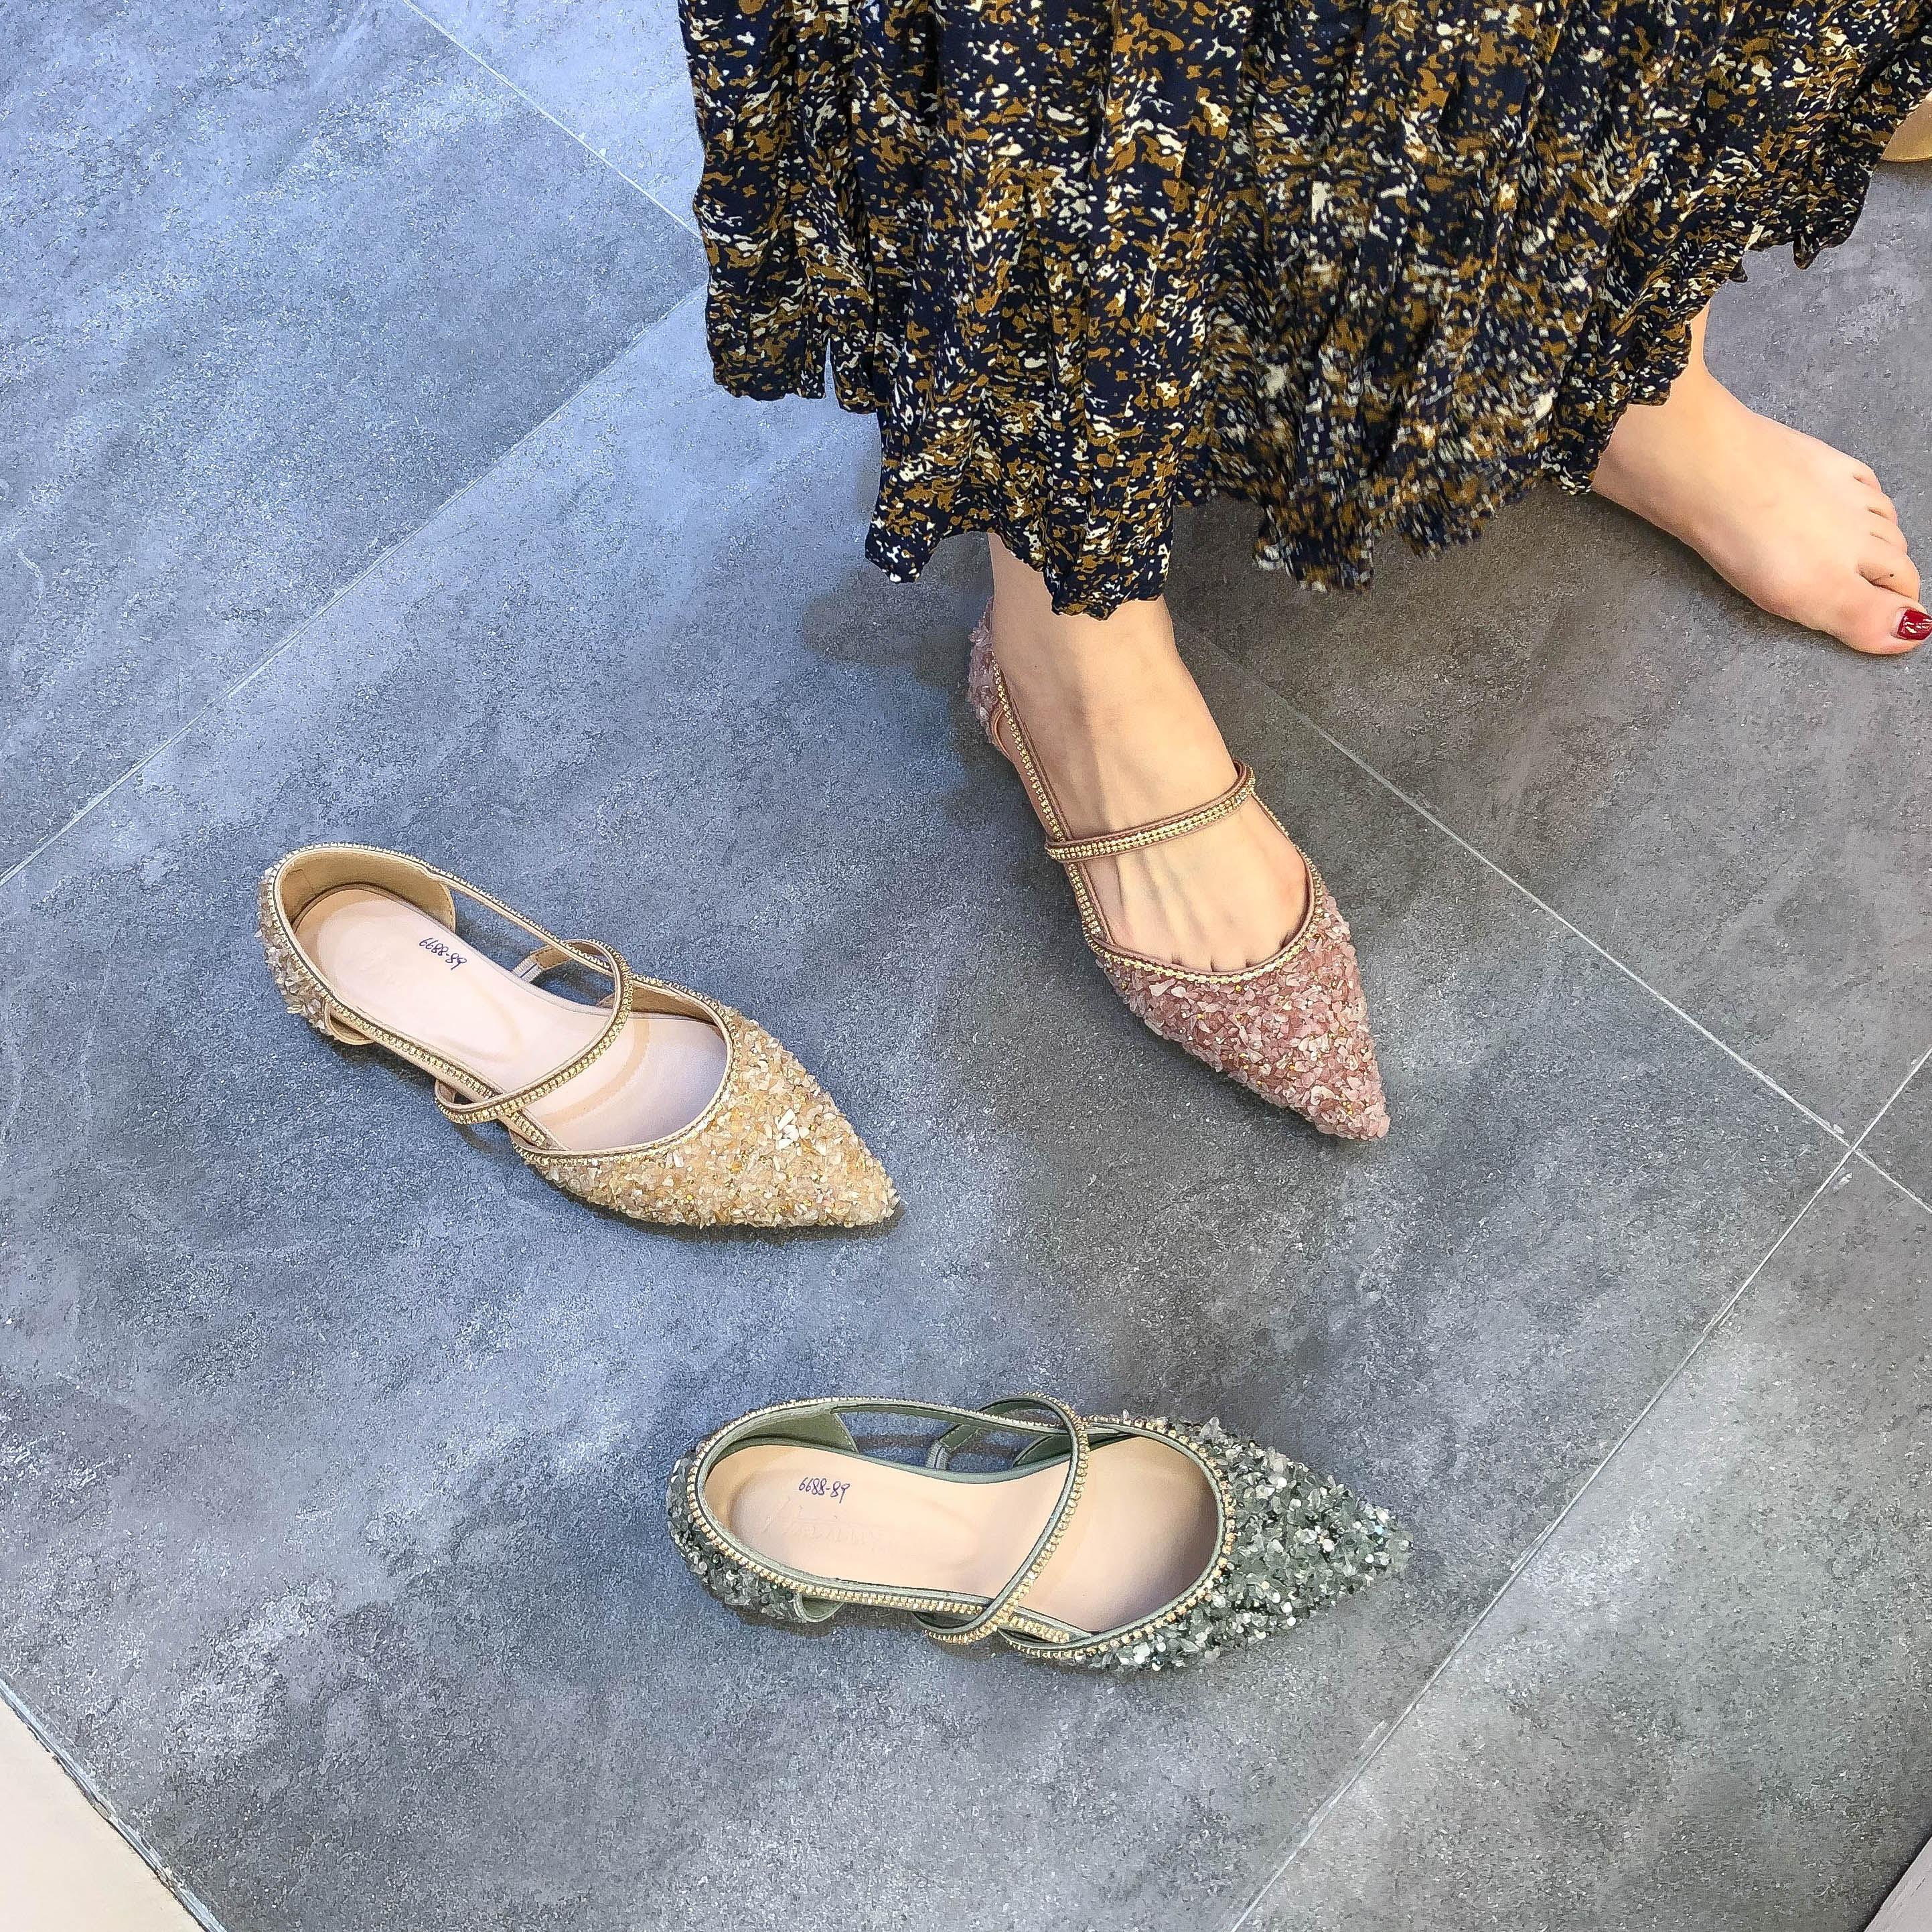 粉红色凉鞋 夏季新款- 尖头中空凉鞋平底亮水钻百搭女甜美低跟粉红色浅口单鞋_推荐淘宝好看的粉红色凉鞋